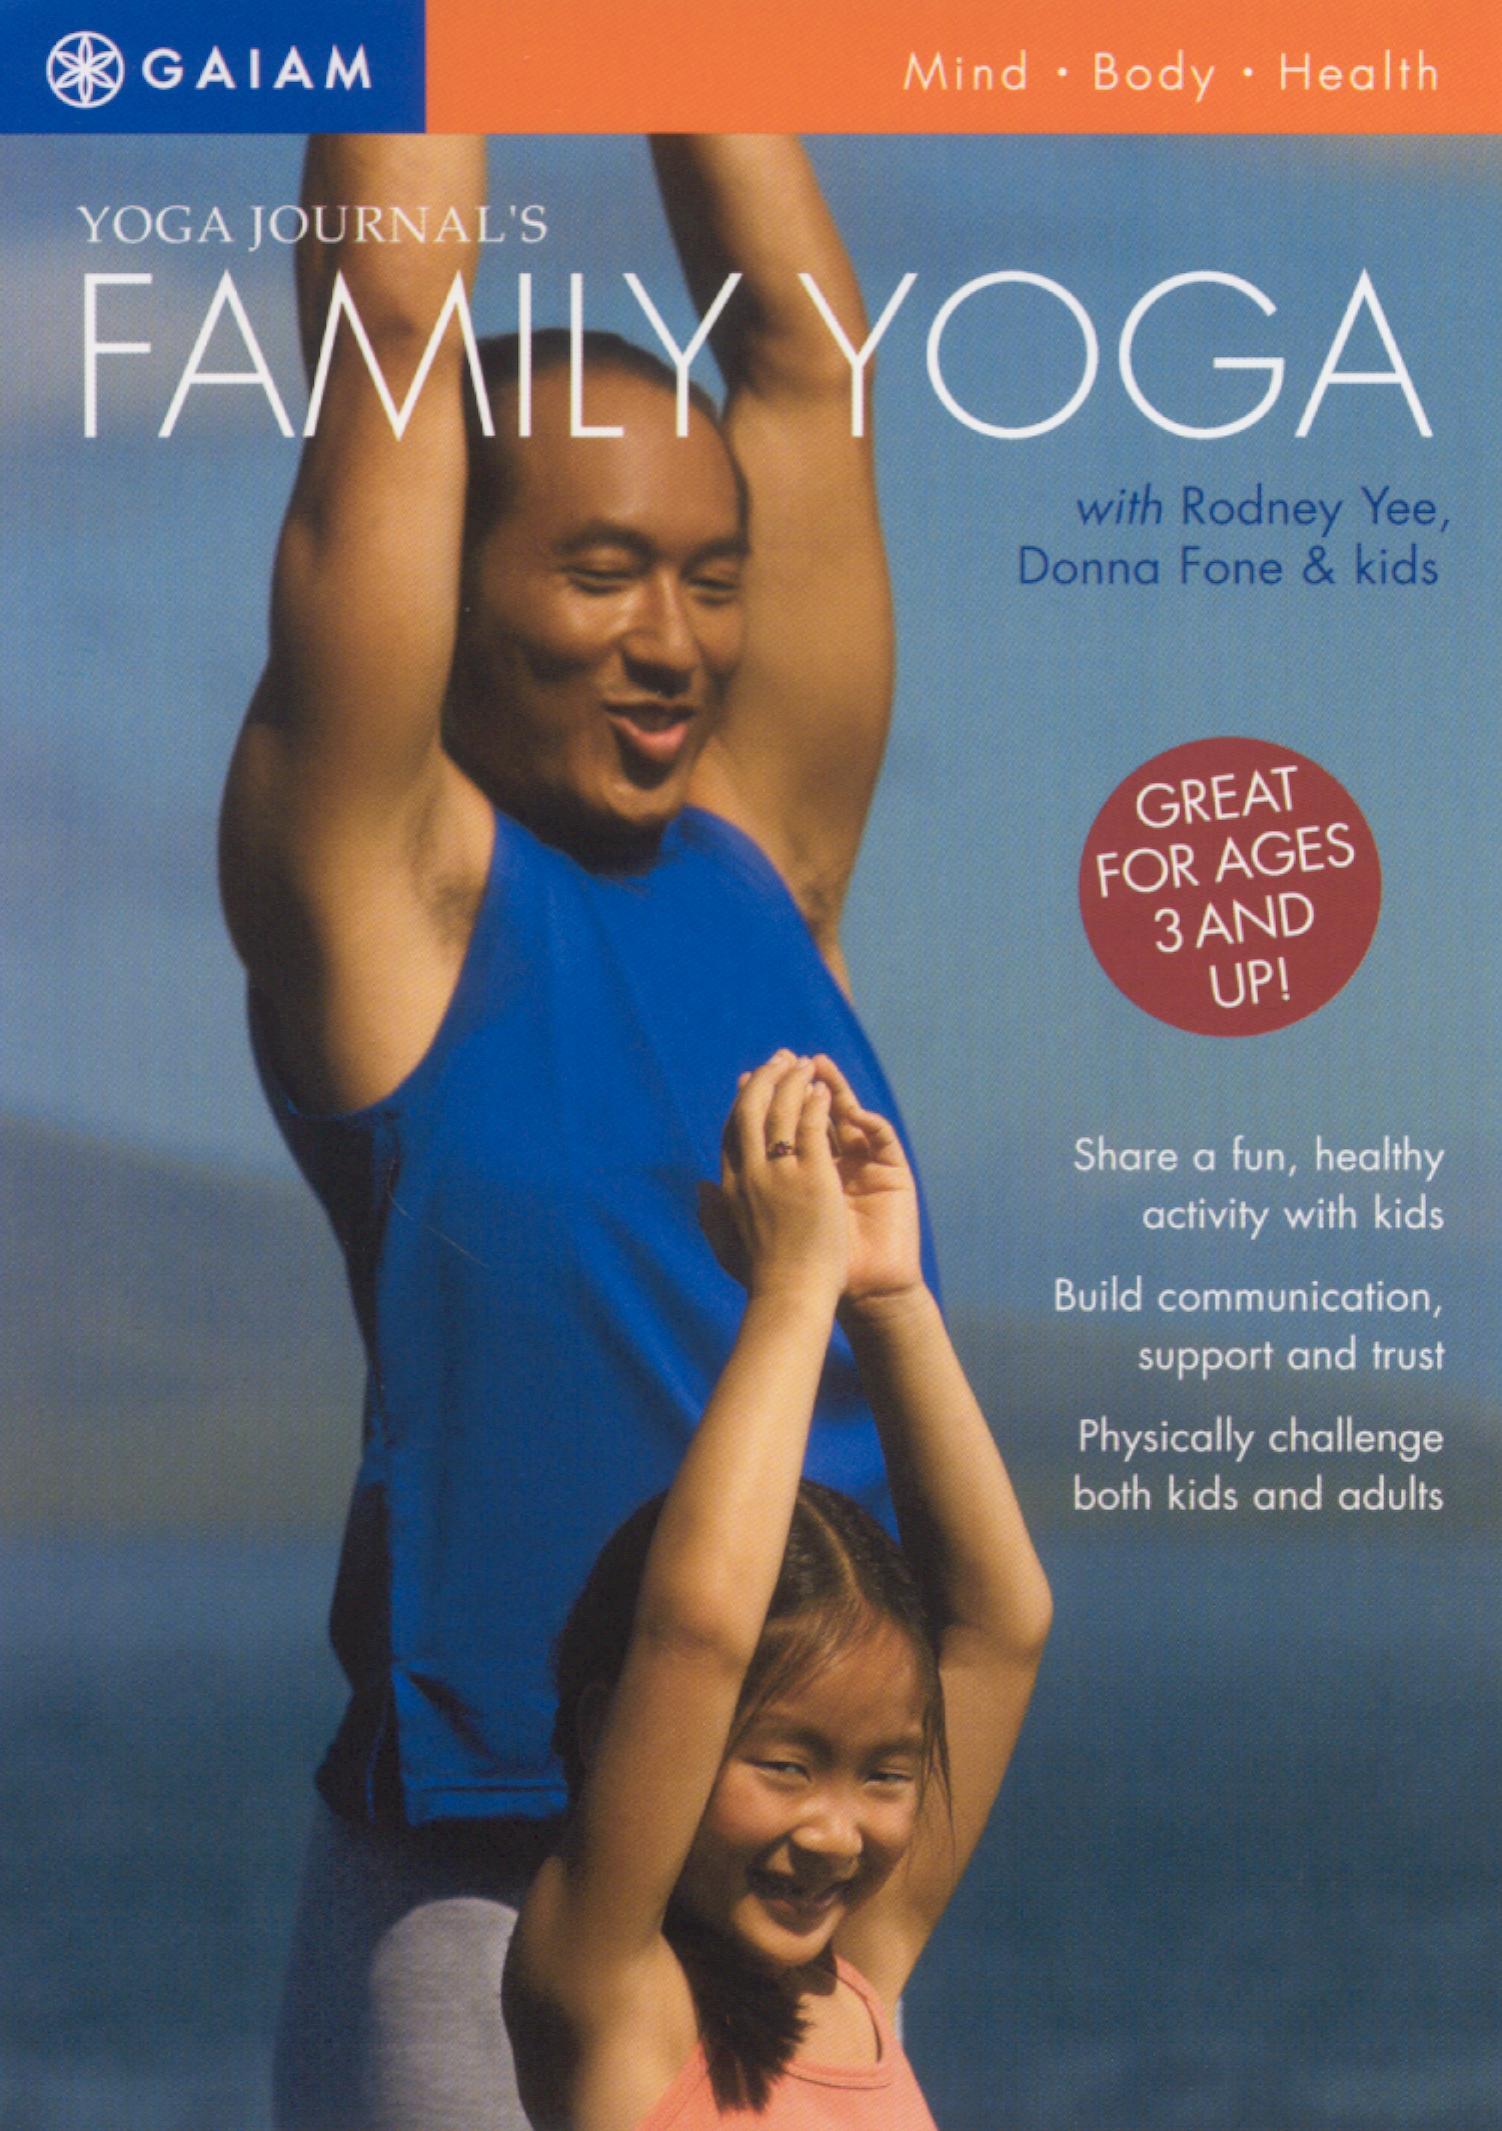 Yoga Journal's Family Yoga